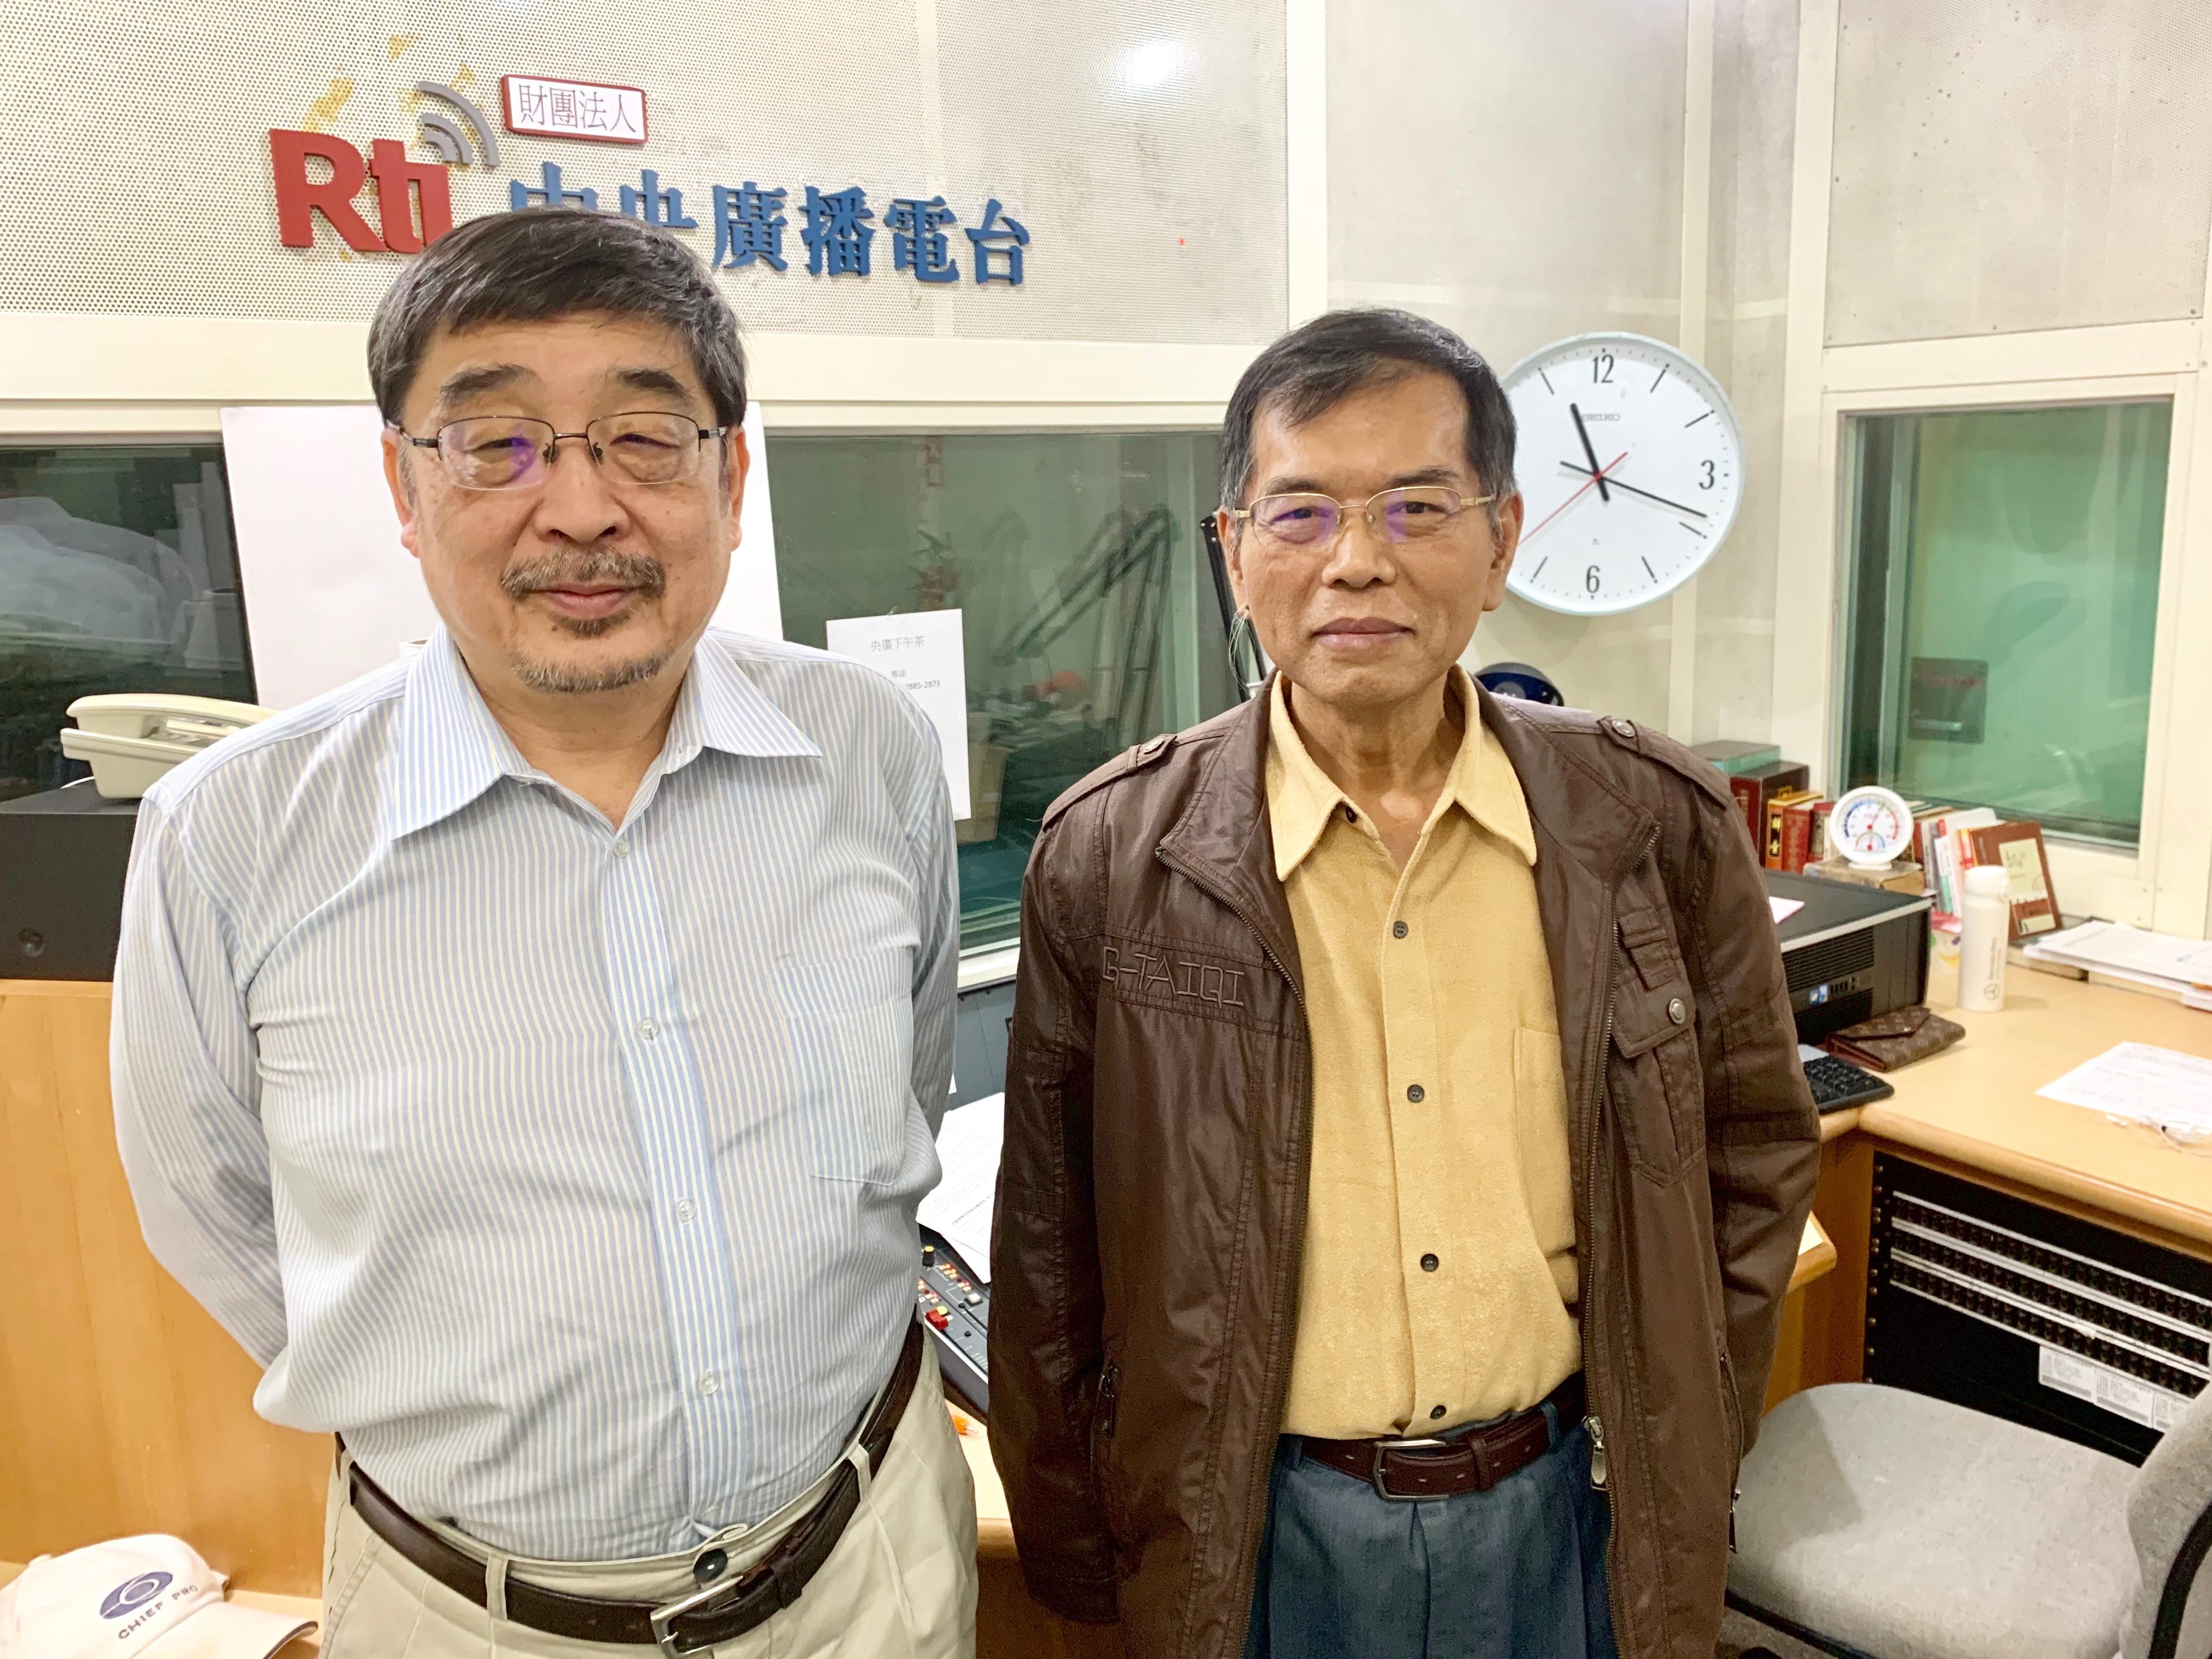 台灣選後政情分析(上)